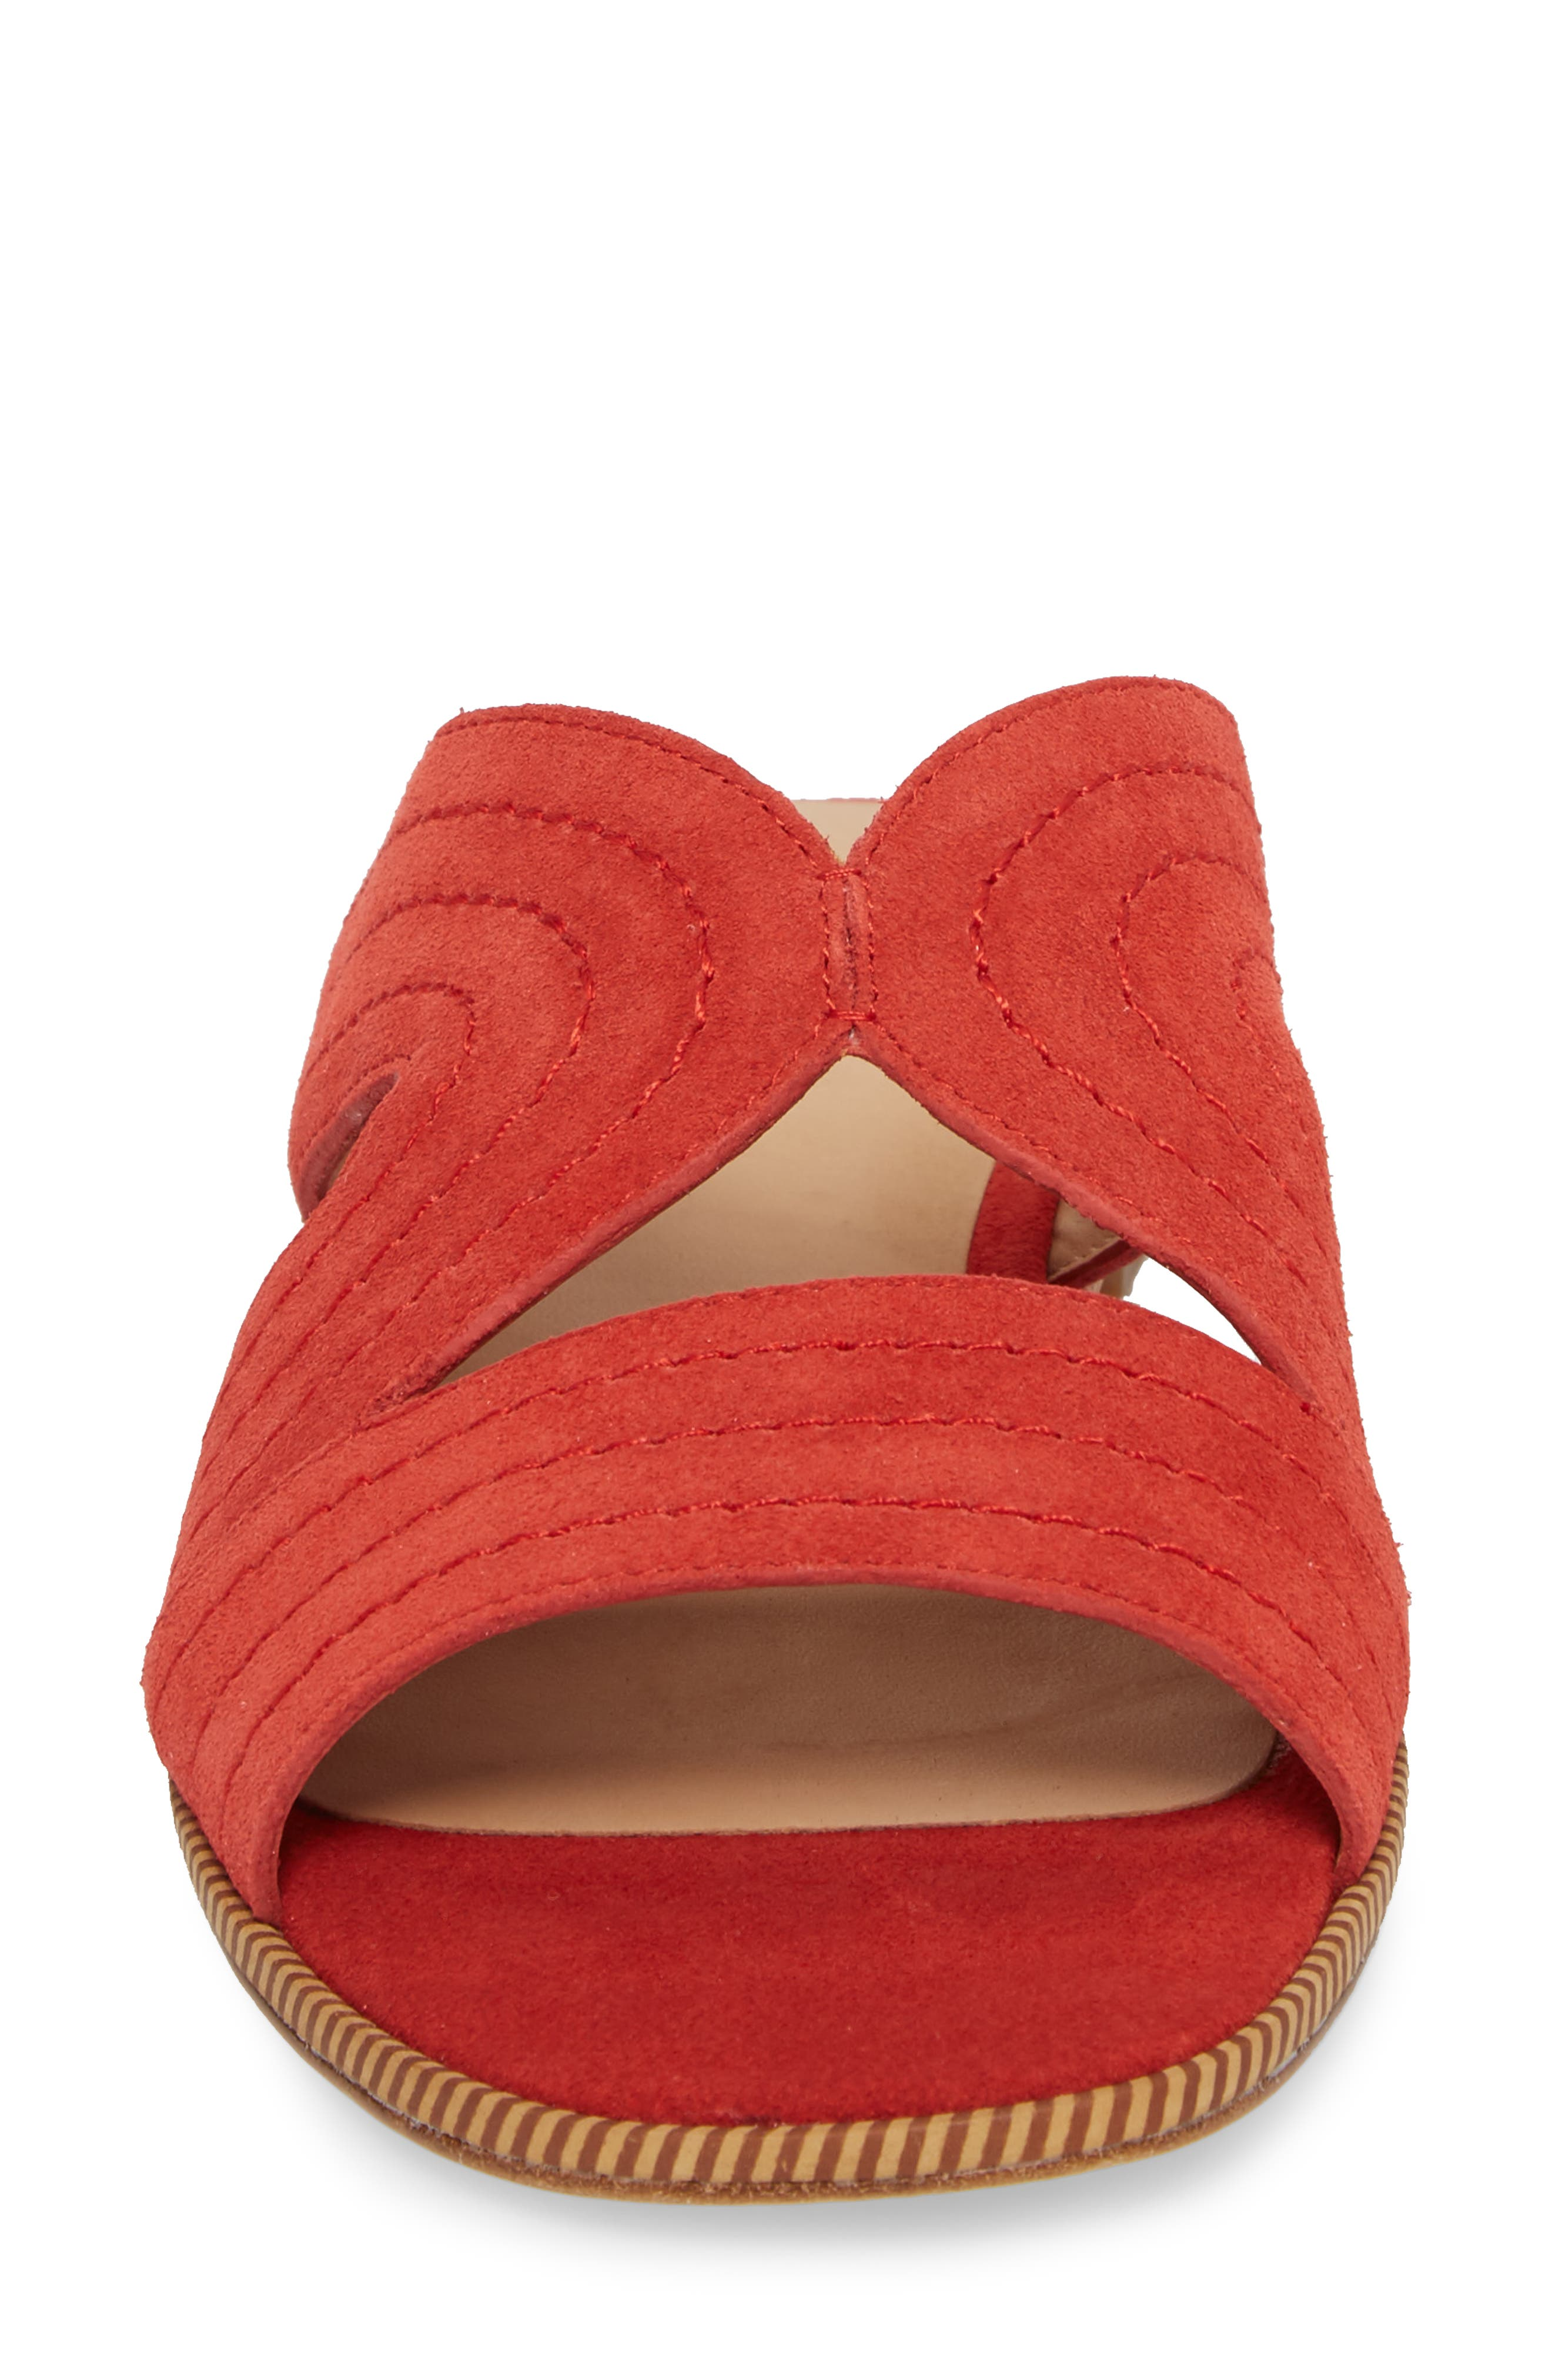 Paetyn Slide Sandal,                             Alternate thumbnail 4, color,                             Red